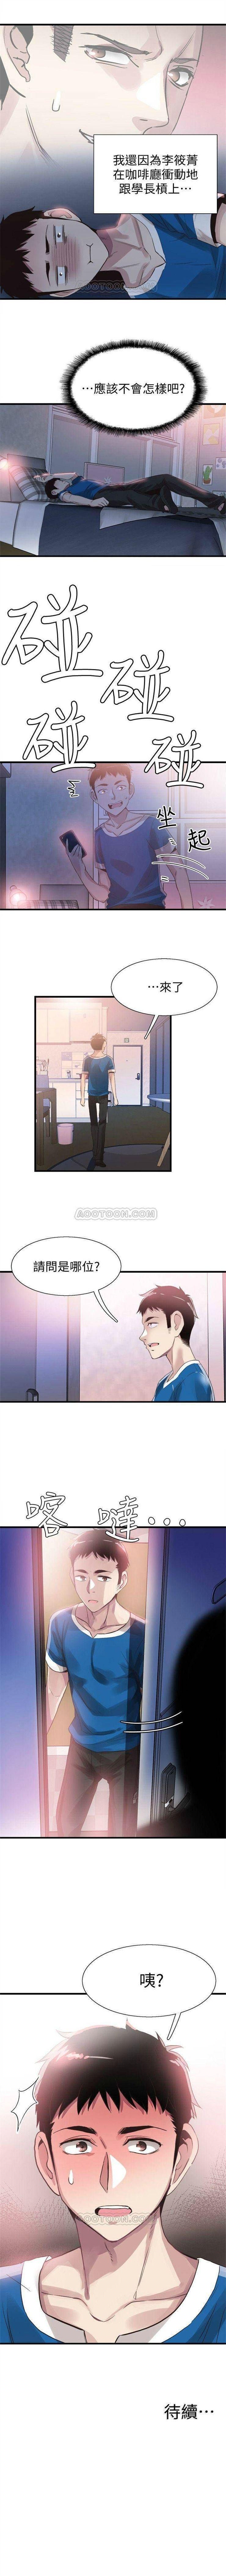 (週7)校園live秀 1-50 中文翻譯(更新中) 262